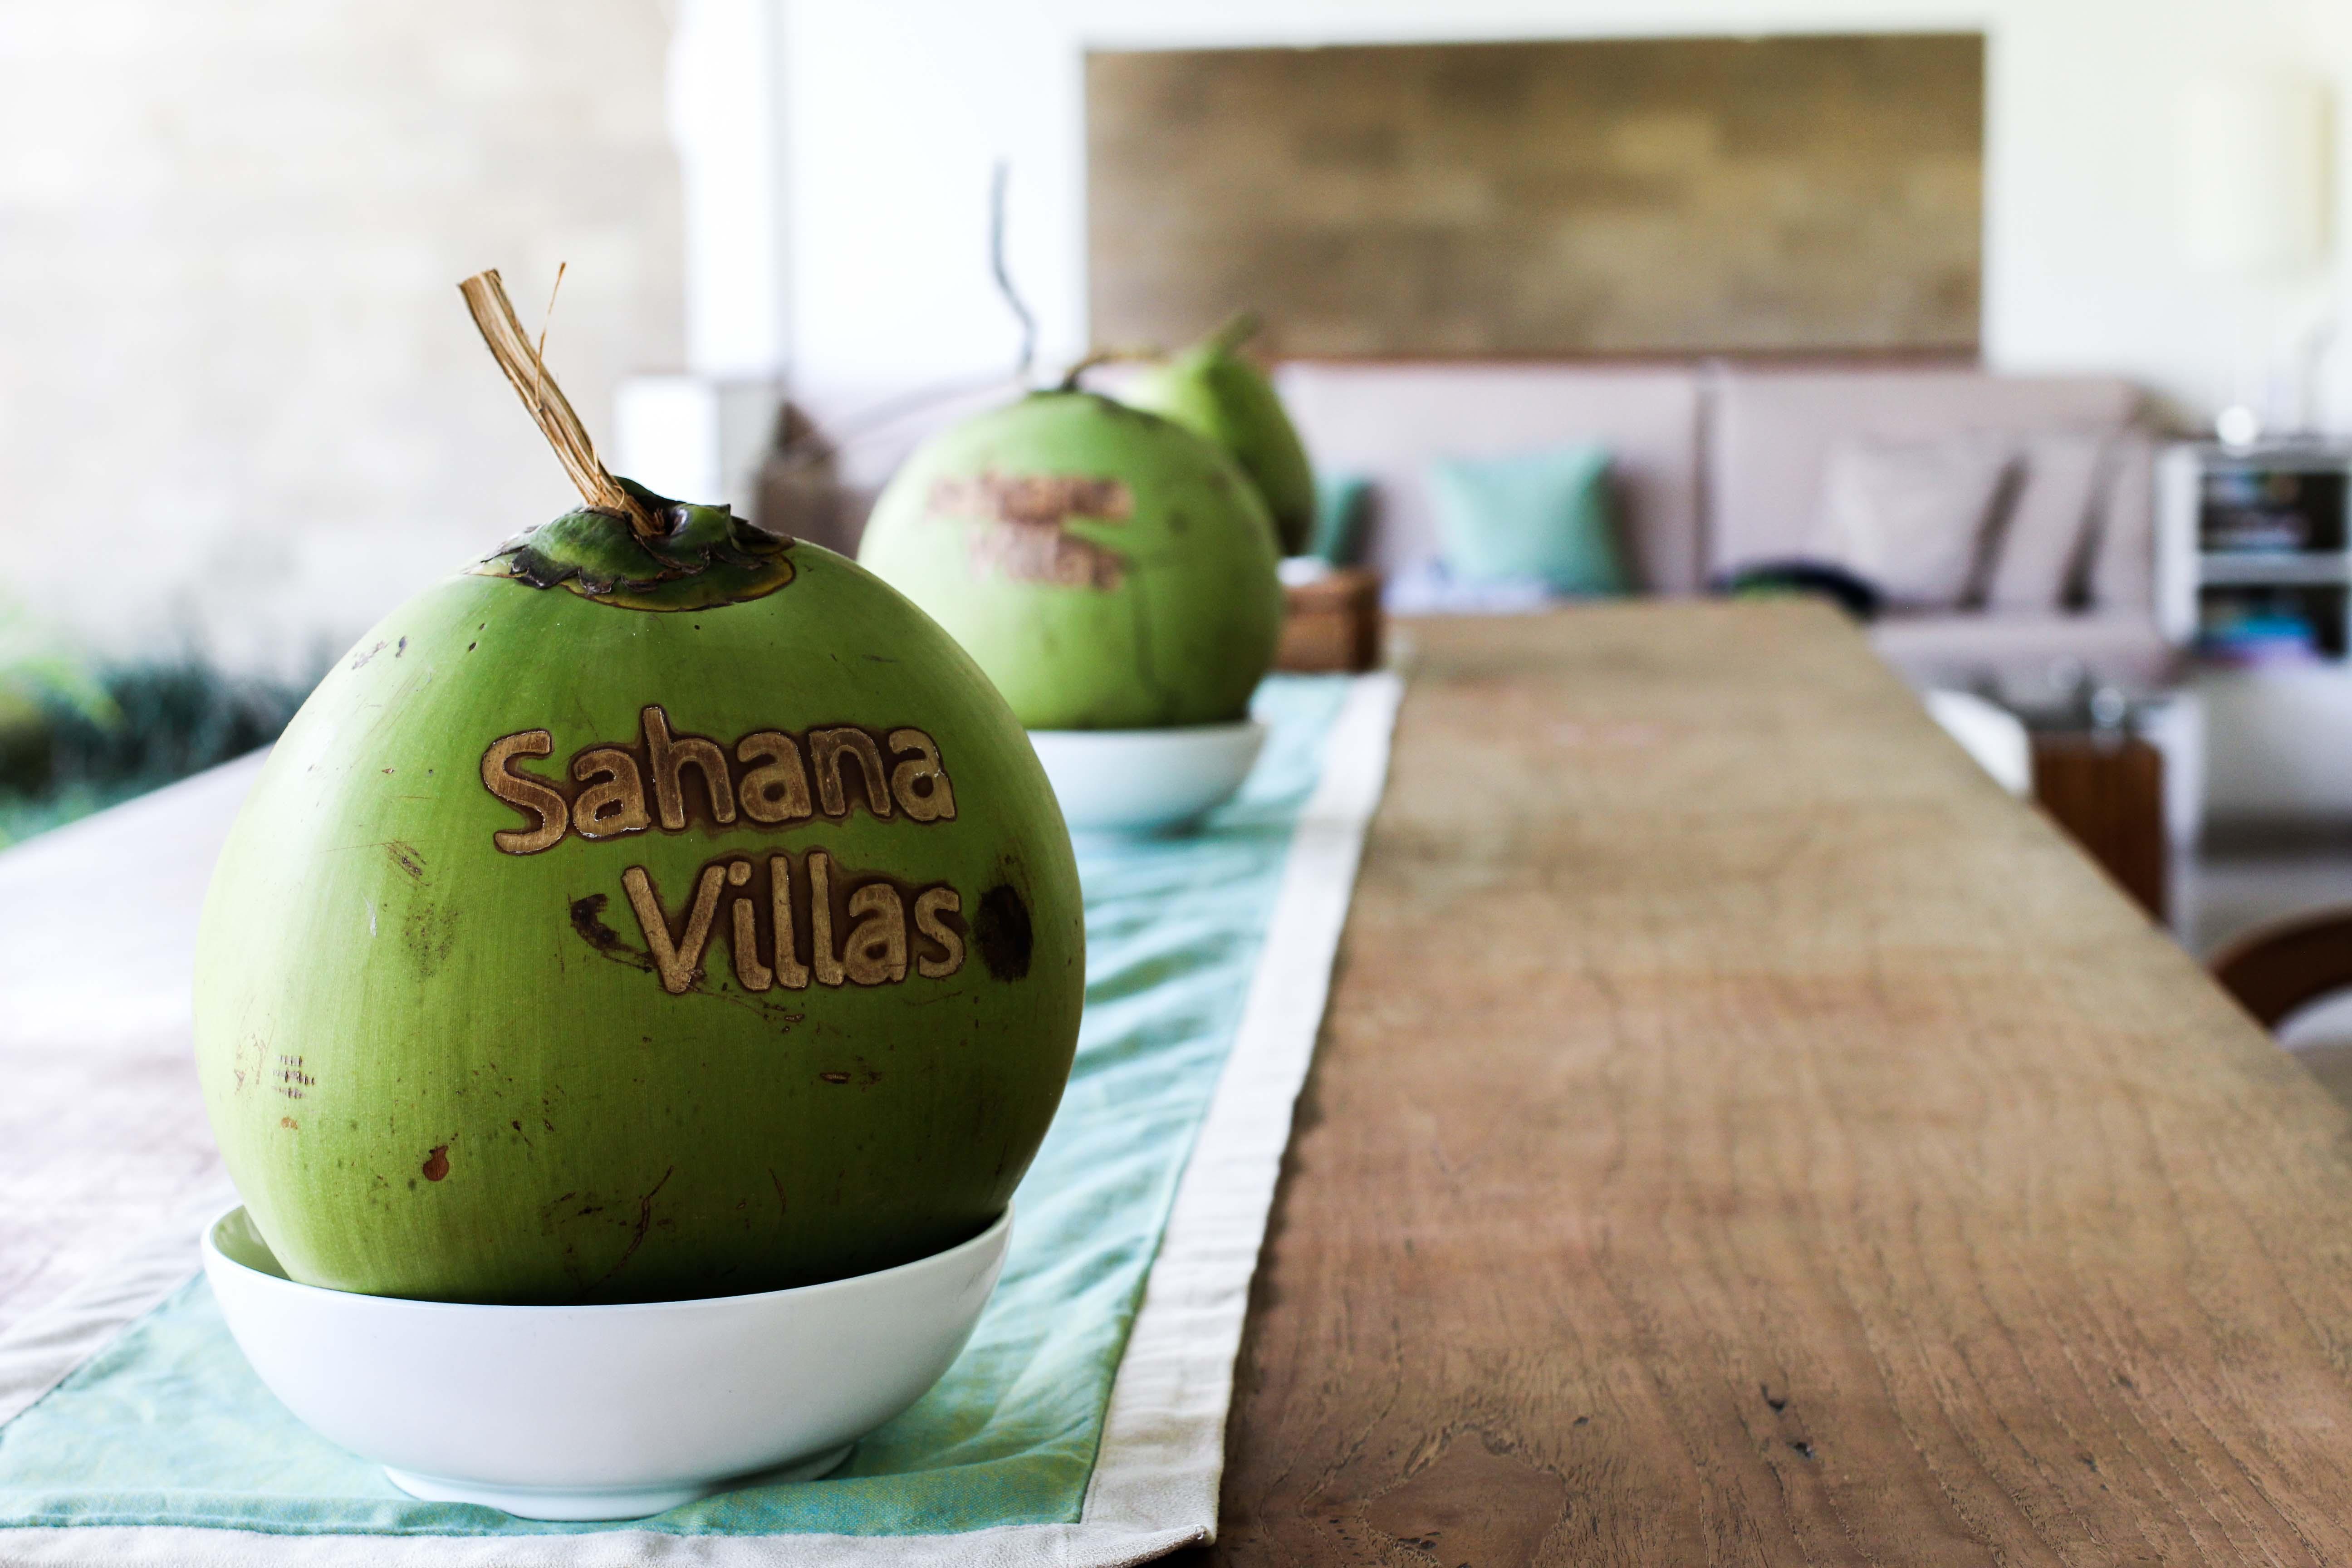 Sahana Villas Seminyak Poolvilla 3 Bedroom Seminyak Bali Luxusvilla mieten Kokosnuss Reiseblogger